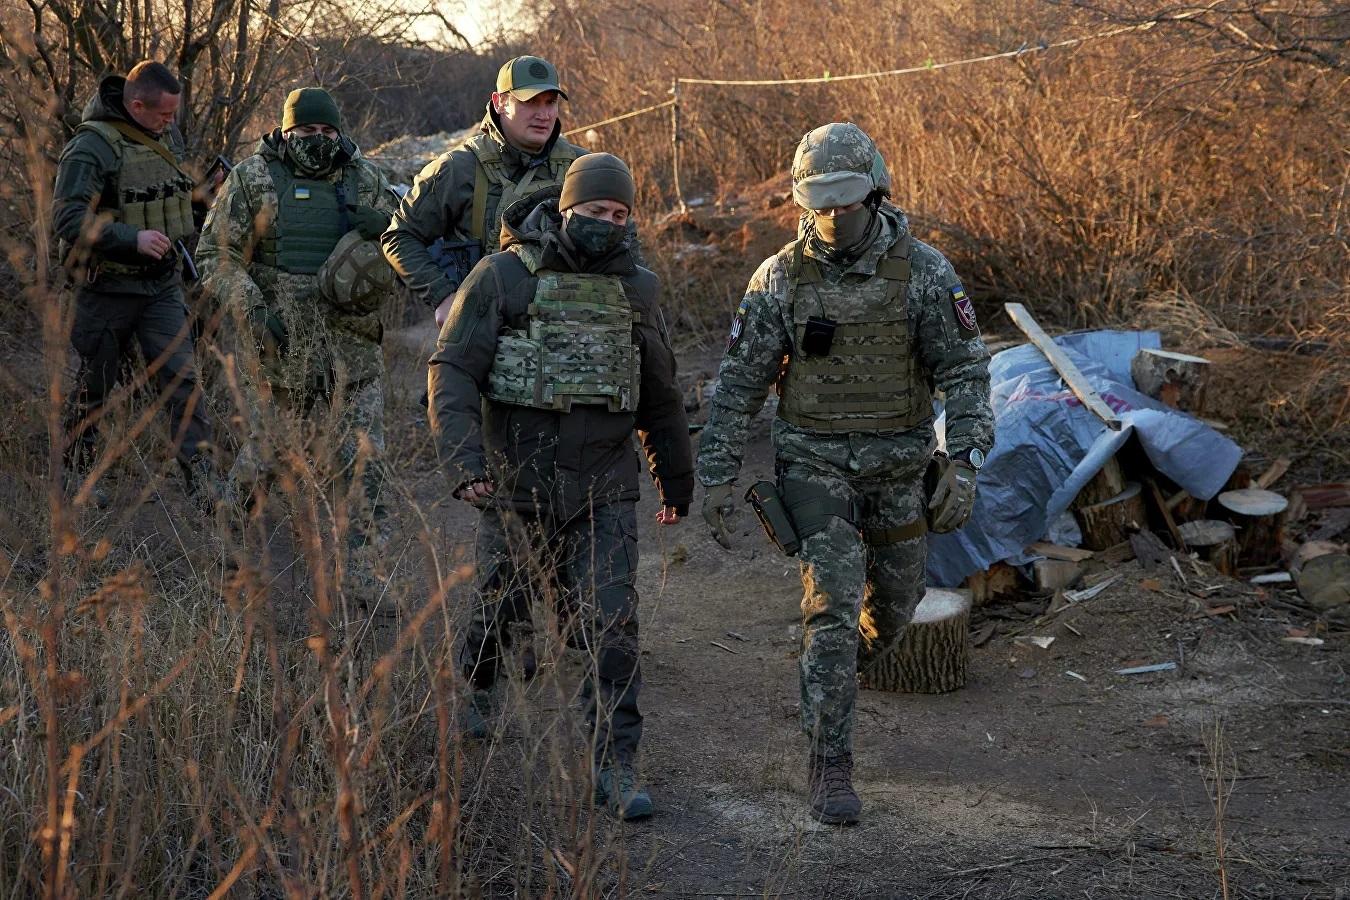 Ukraine đang tạo cớ cho cuộc 'phiêu lưu' quân sự ở Donbass?